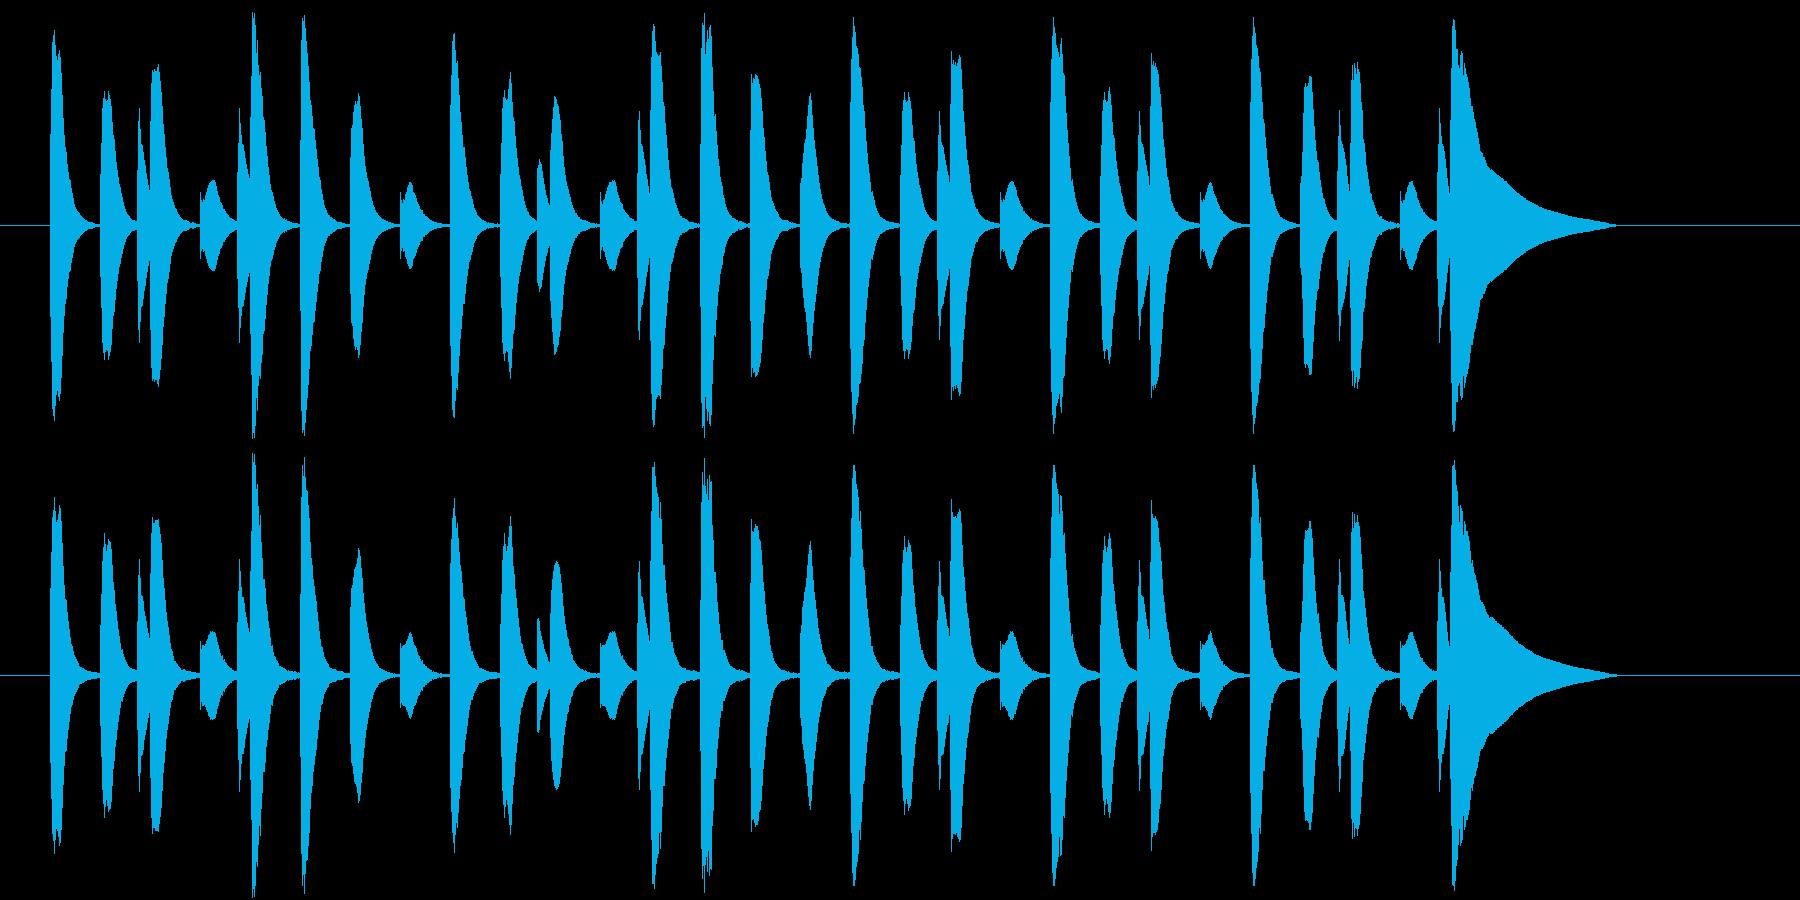 ほのぼのとした場面に使える木琴のジングルの再生済みの波形